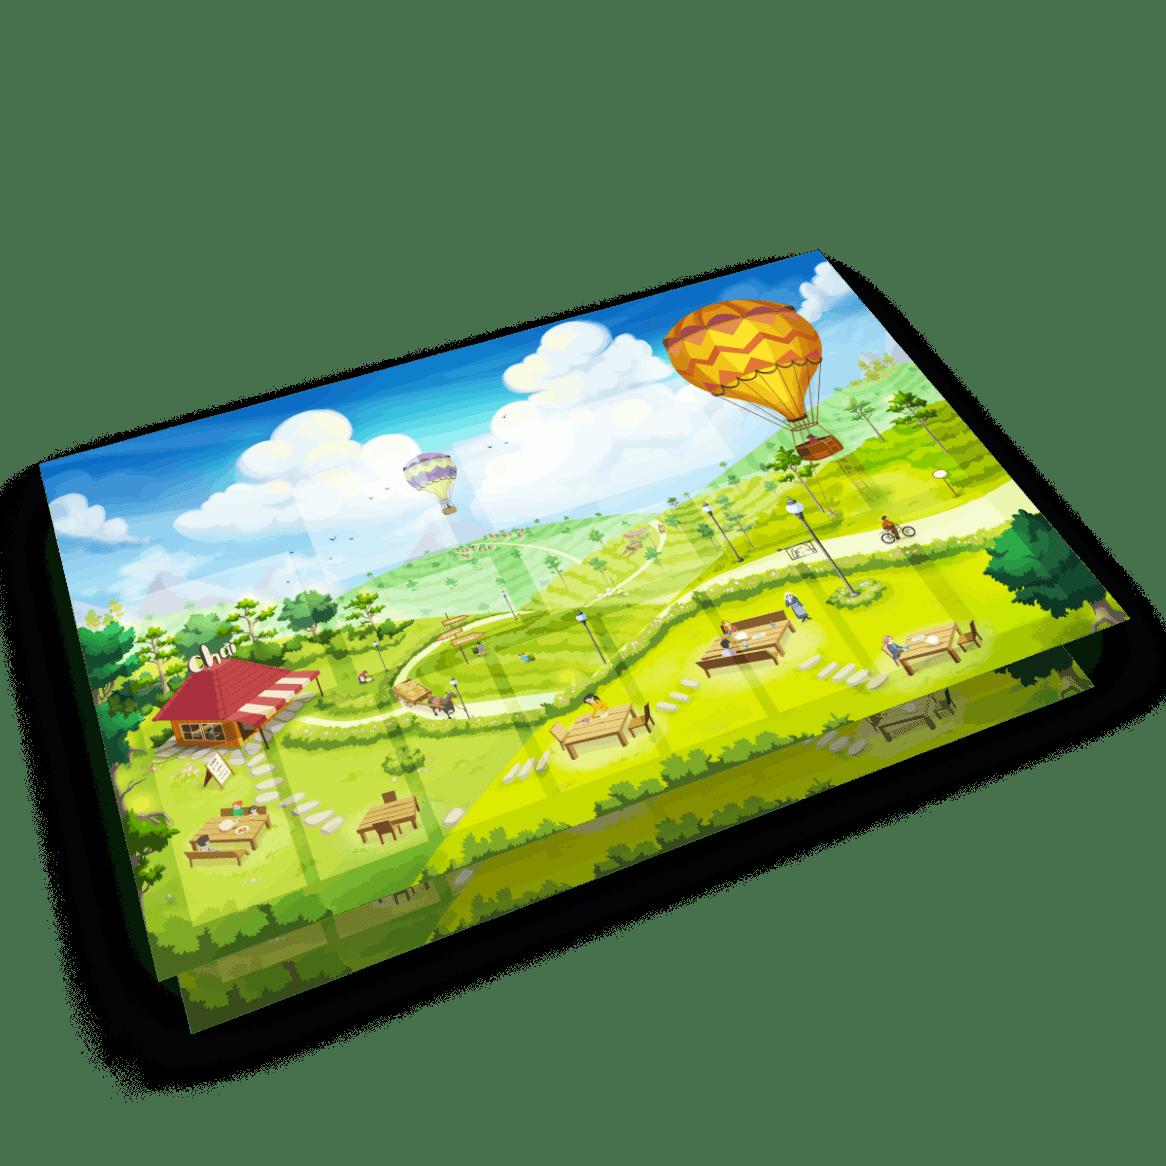 Little Rocket Games - Ecco tutte le uscite del secondo trimestre 2021! Comunicati Stampa Giochi Giochi da Tavolo